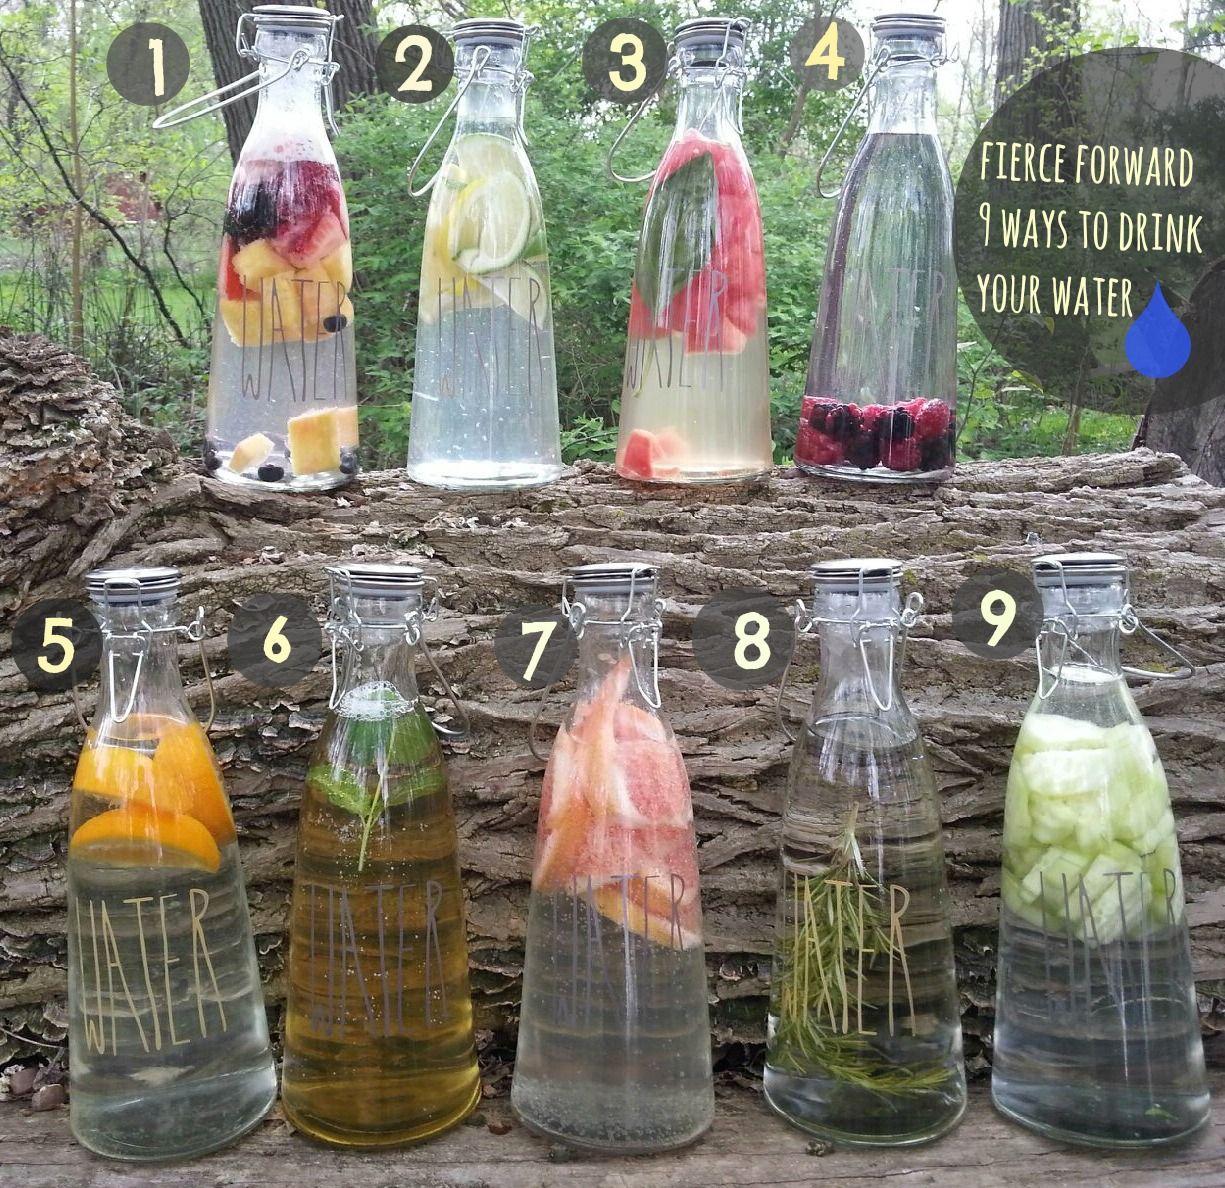 die besten 25 wasser mit gurke ideen auf pinterest wasser mit fruchtgeschmack wasser mit. Black Bedroom Furniture Sets. Home Design Ideas